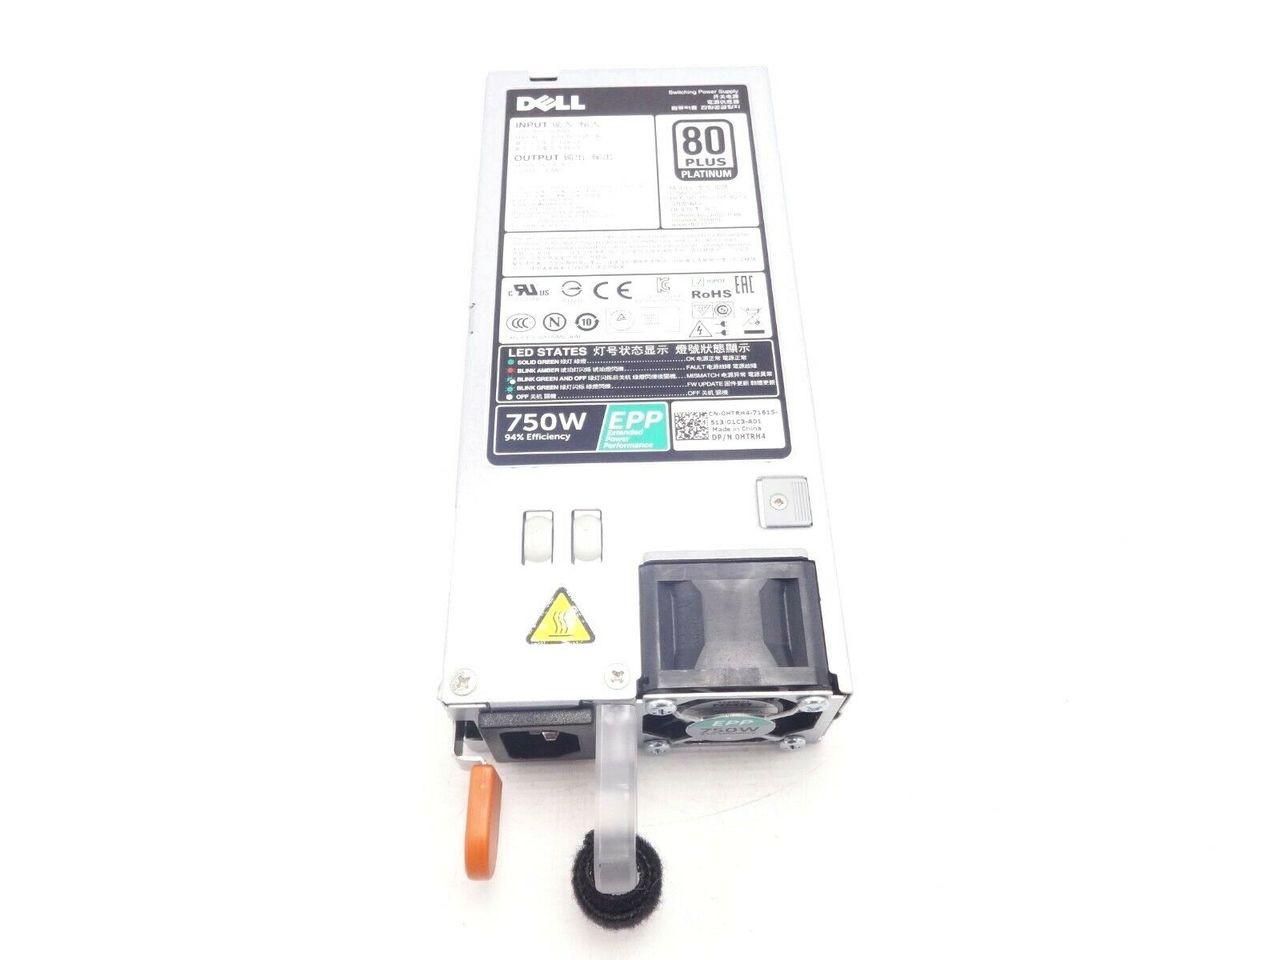 Dell HTRH4 750w Power Supply 80+ R530 R630 R730 R930 T430 T630